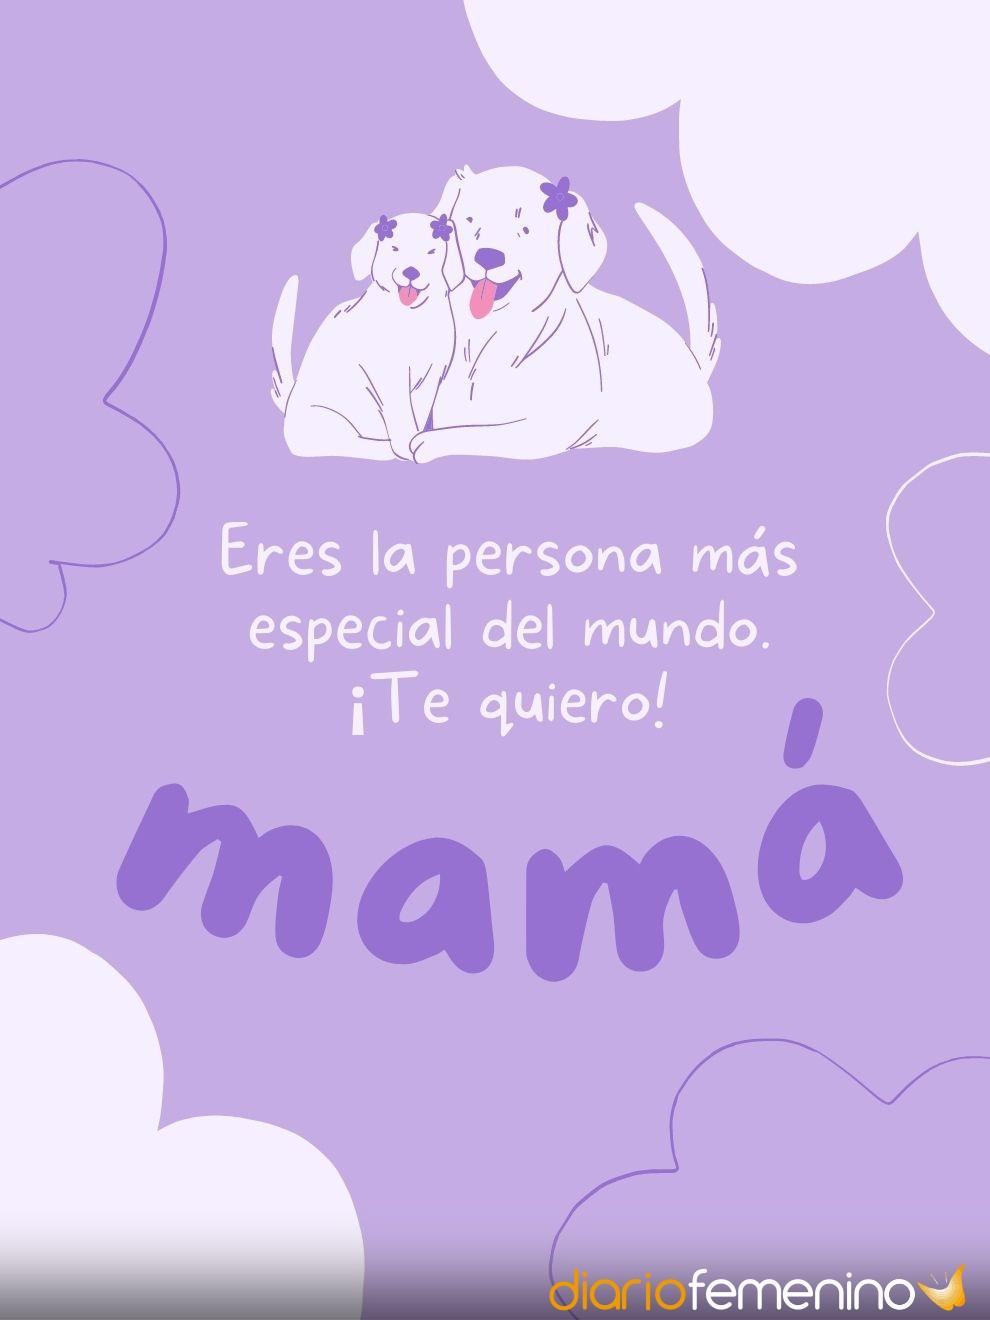 Tarjetas ideales para celebrar el Día de la Madre